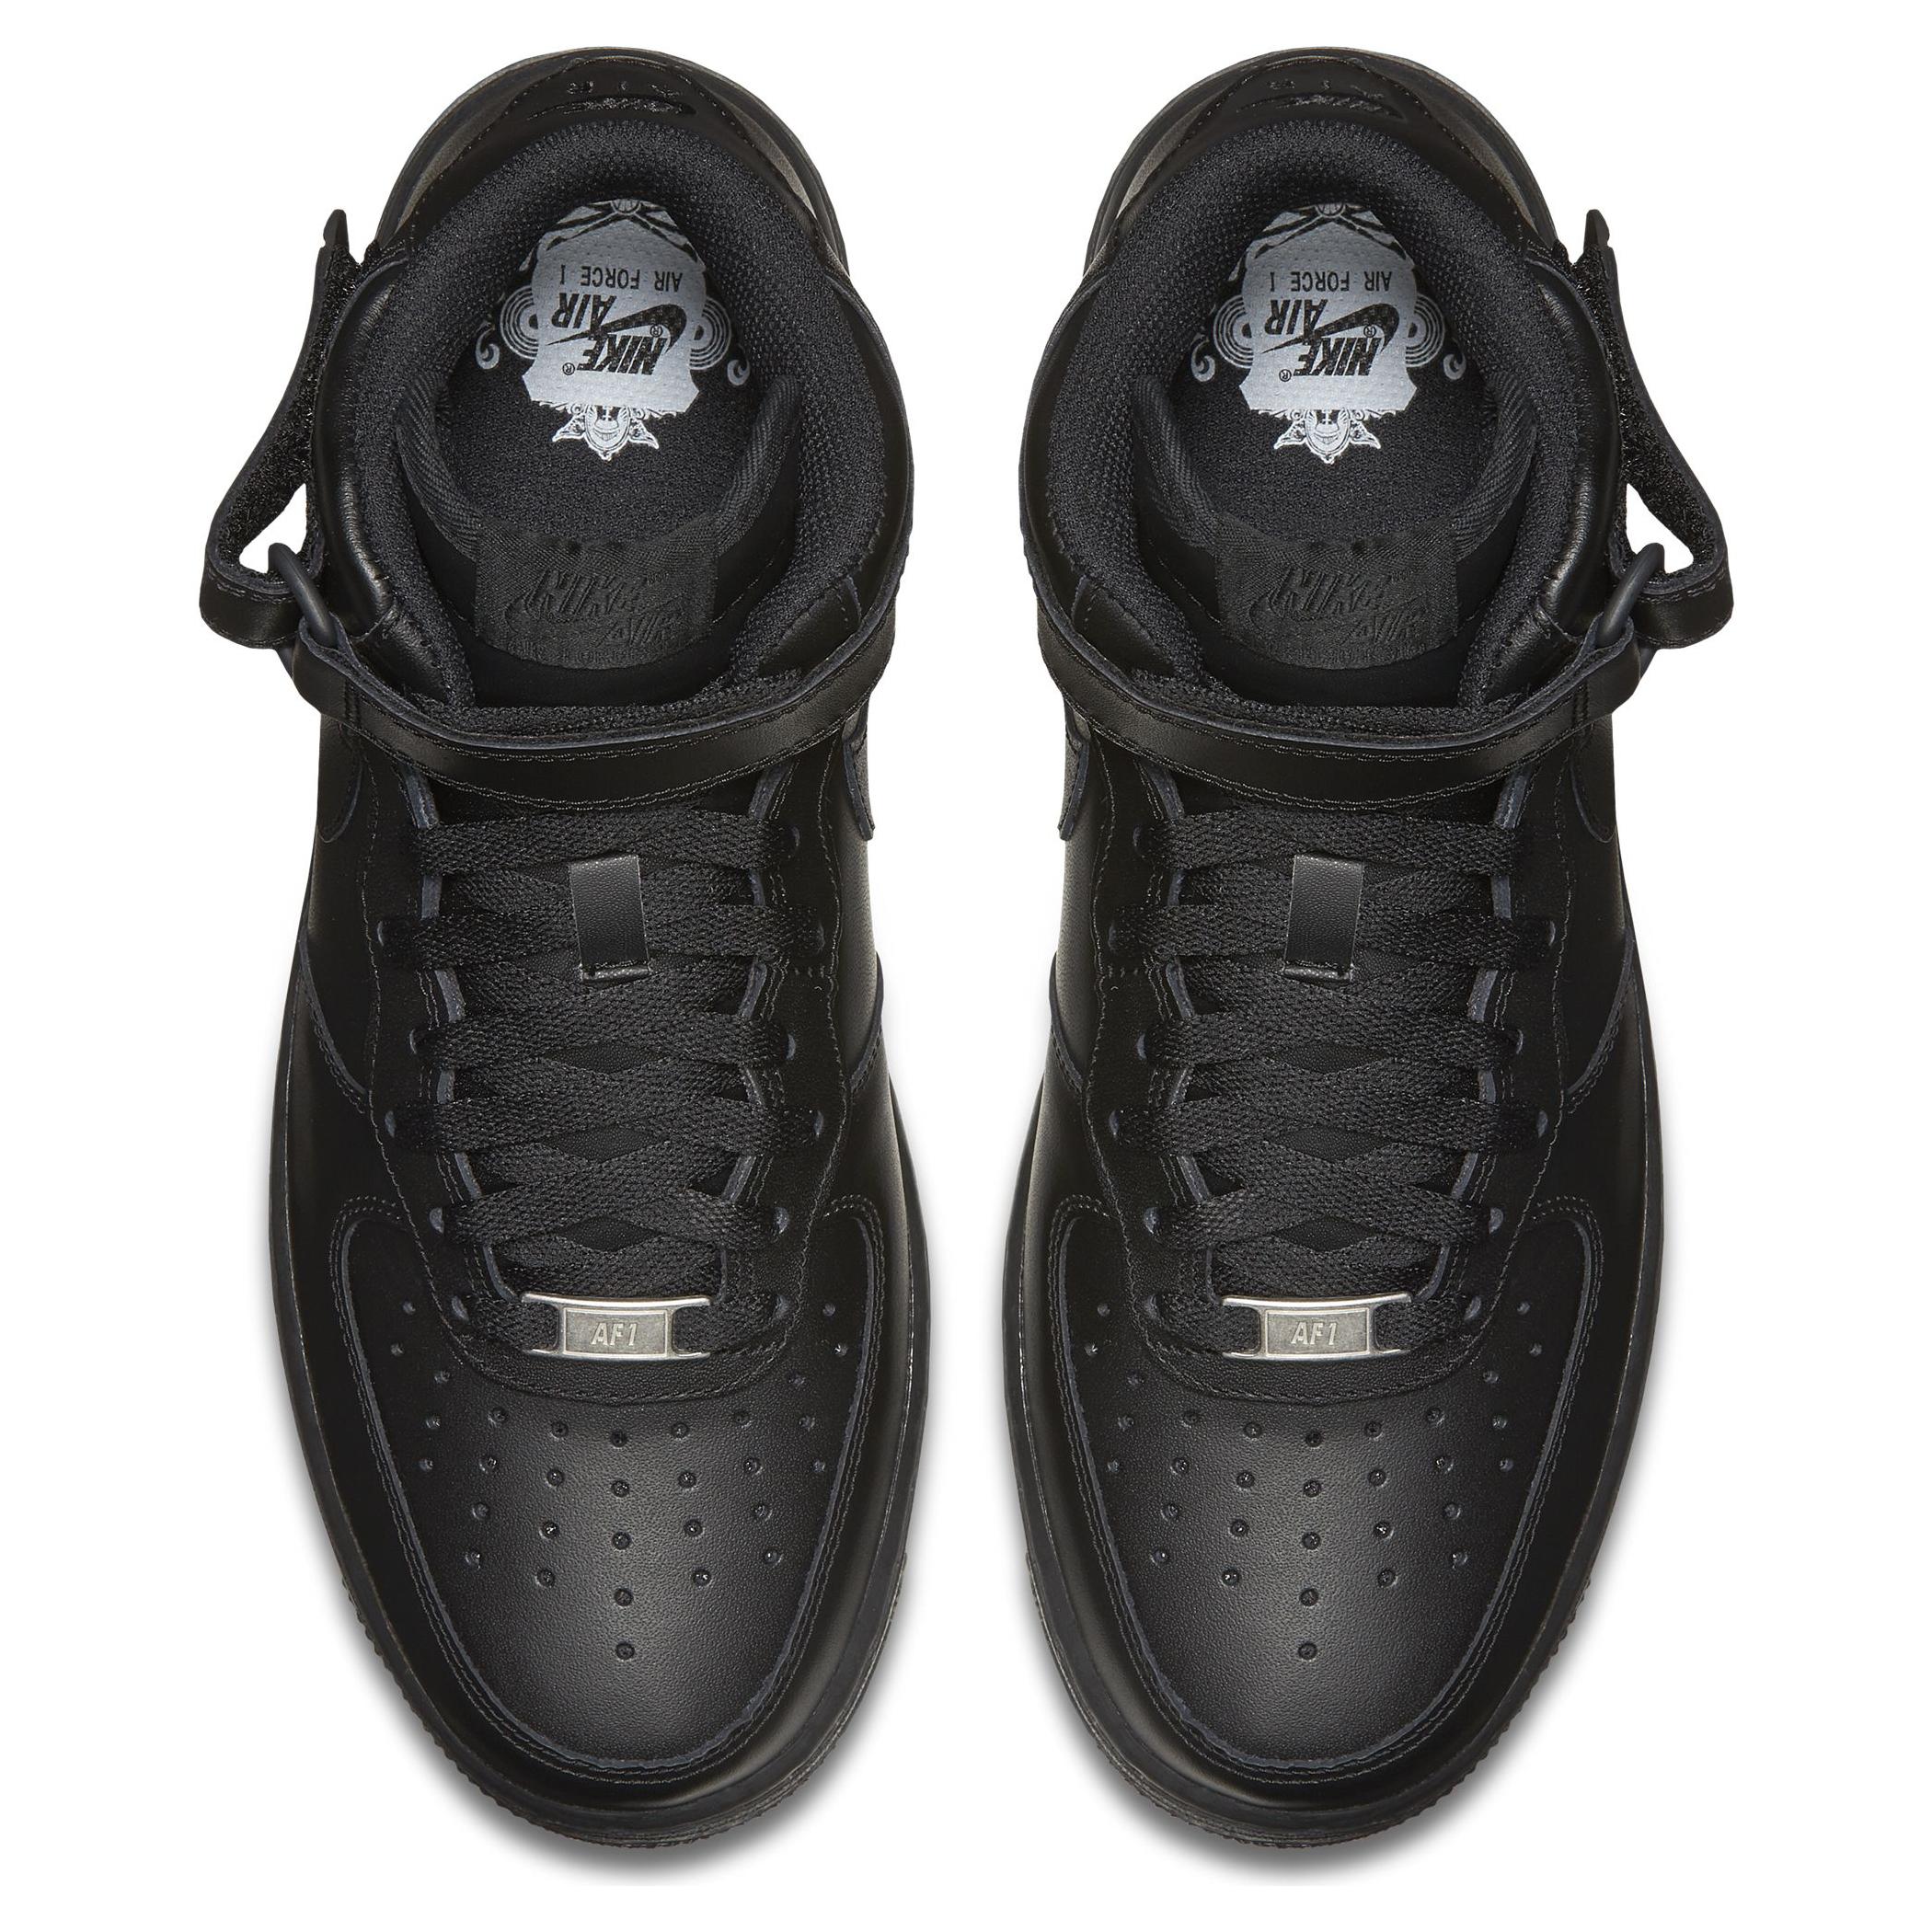 354d6148 Кроссовки Air Force 1 от Nike (366731-001) - продажа, цена, фото ...